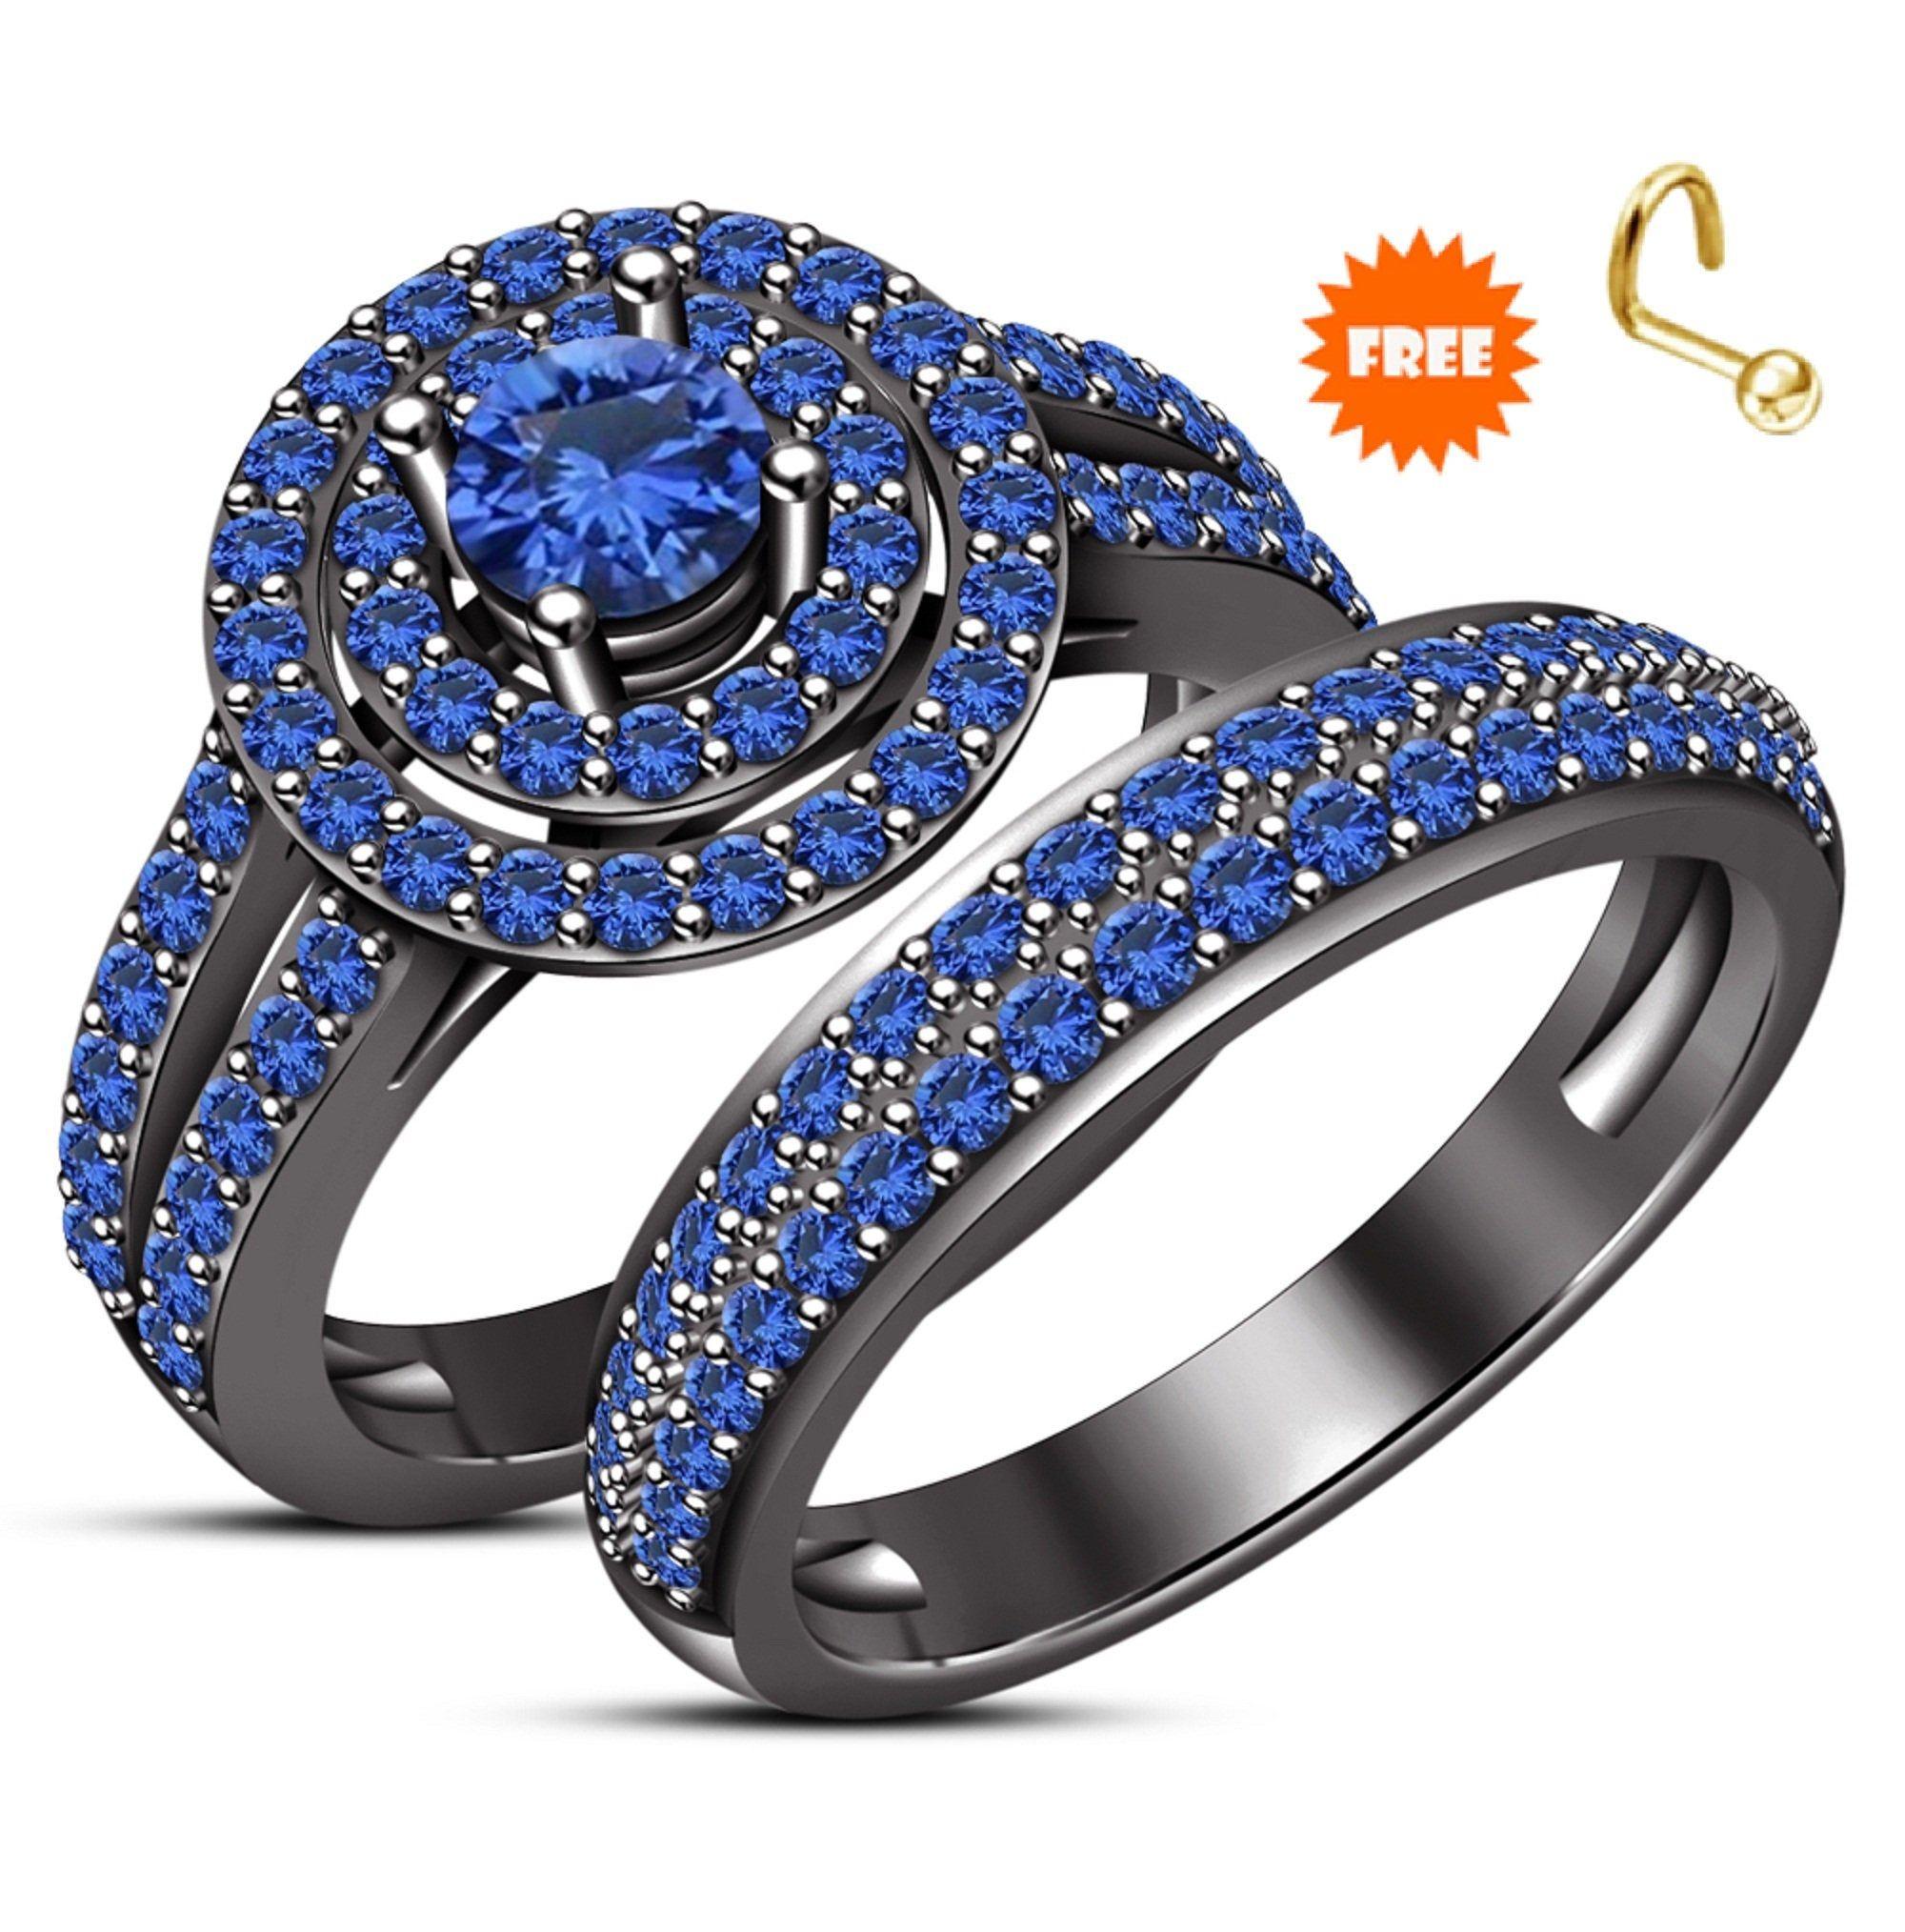 10k Black Gold Finish Blue Sapphire Bridal Set Solid 925 Sterling